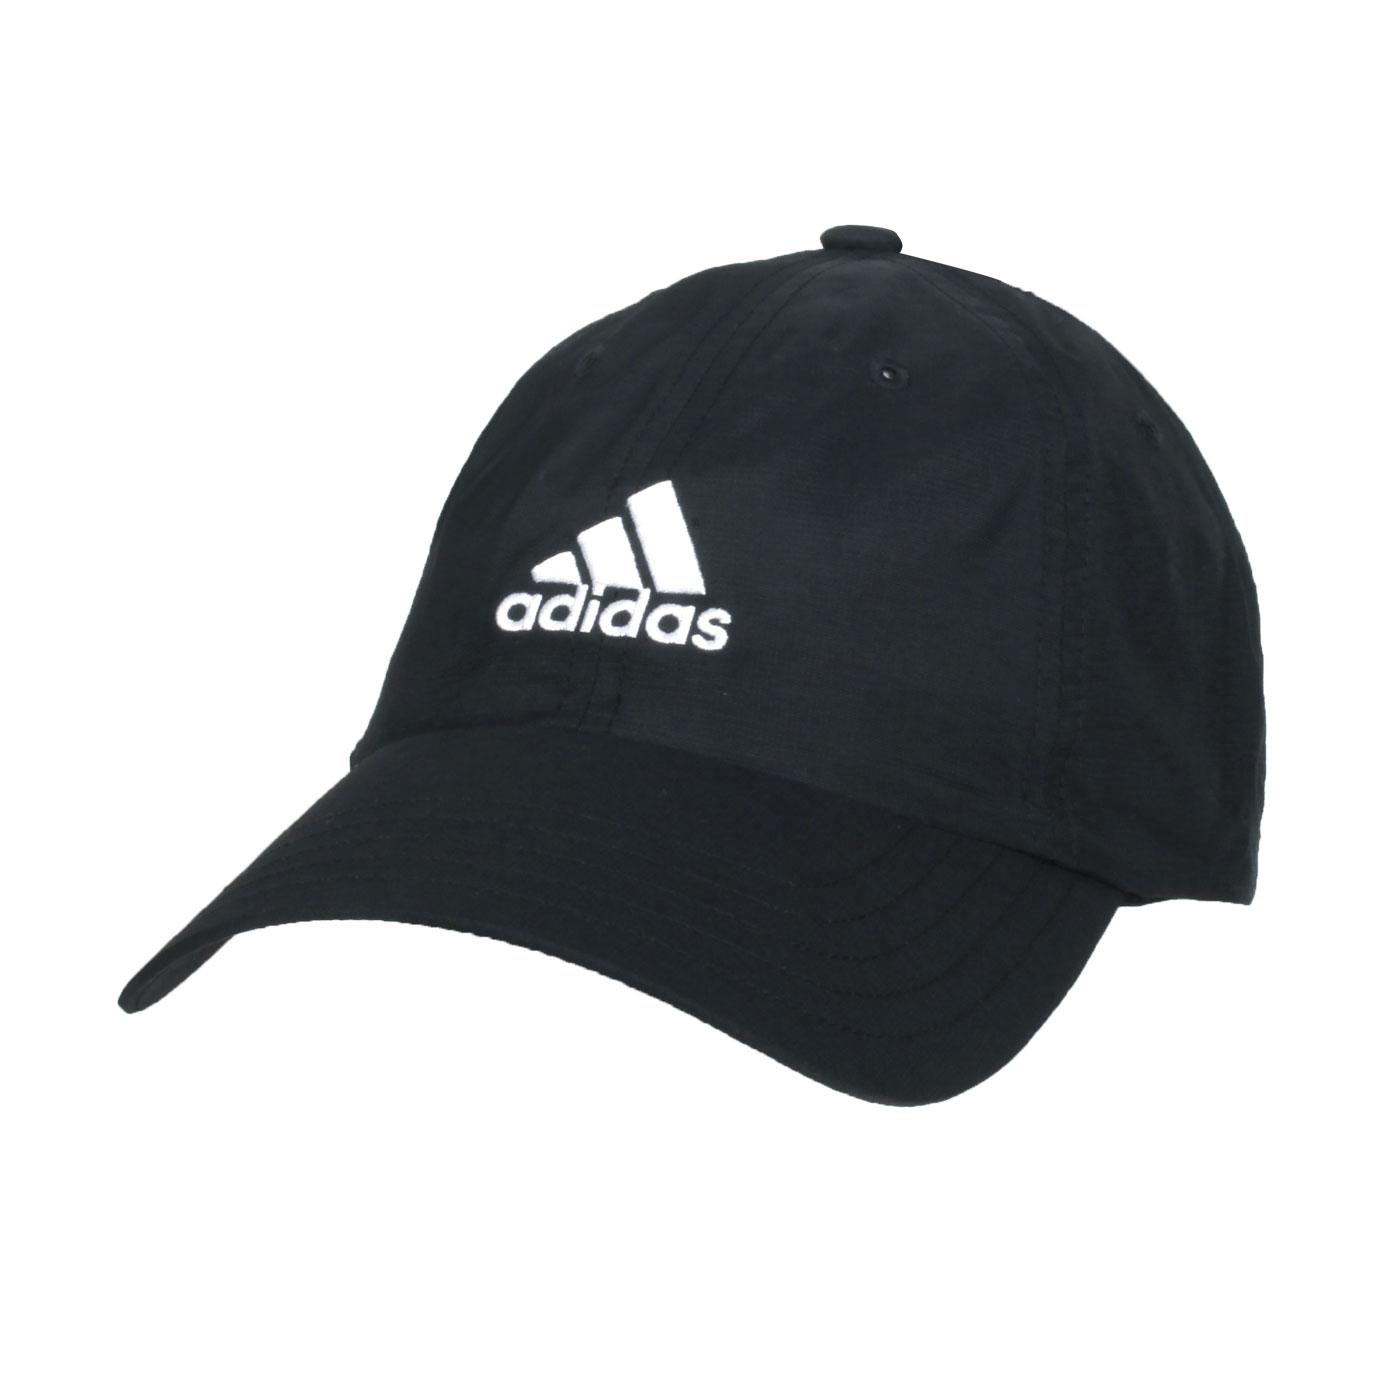 ADIDAS 帽子 FS9007